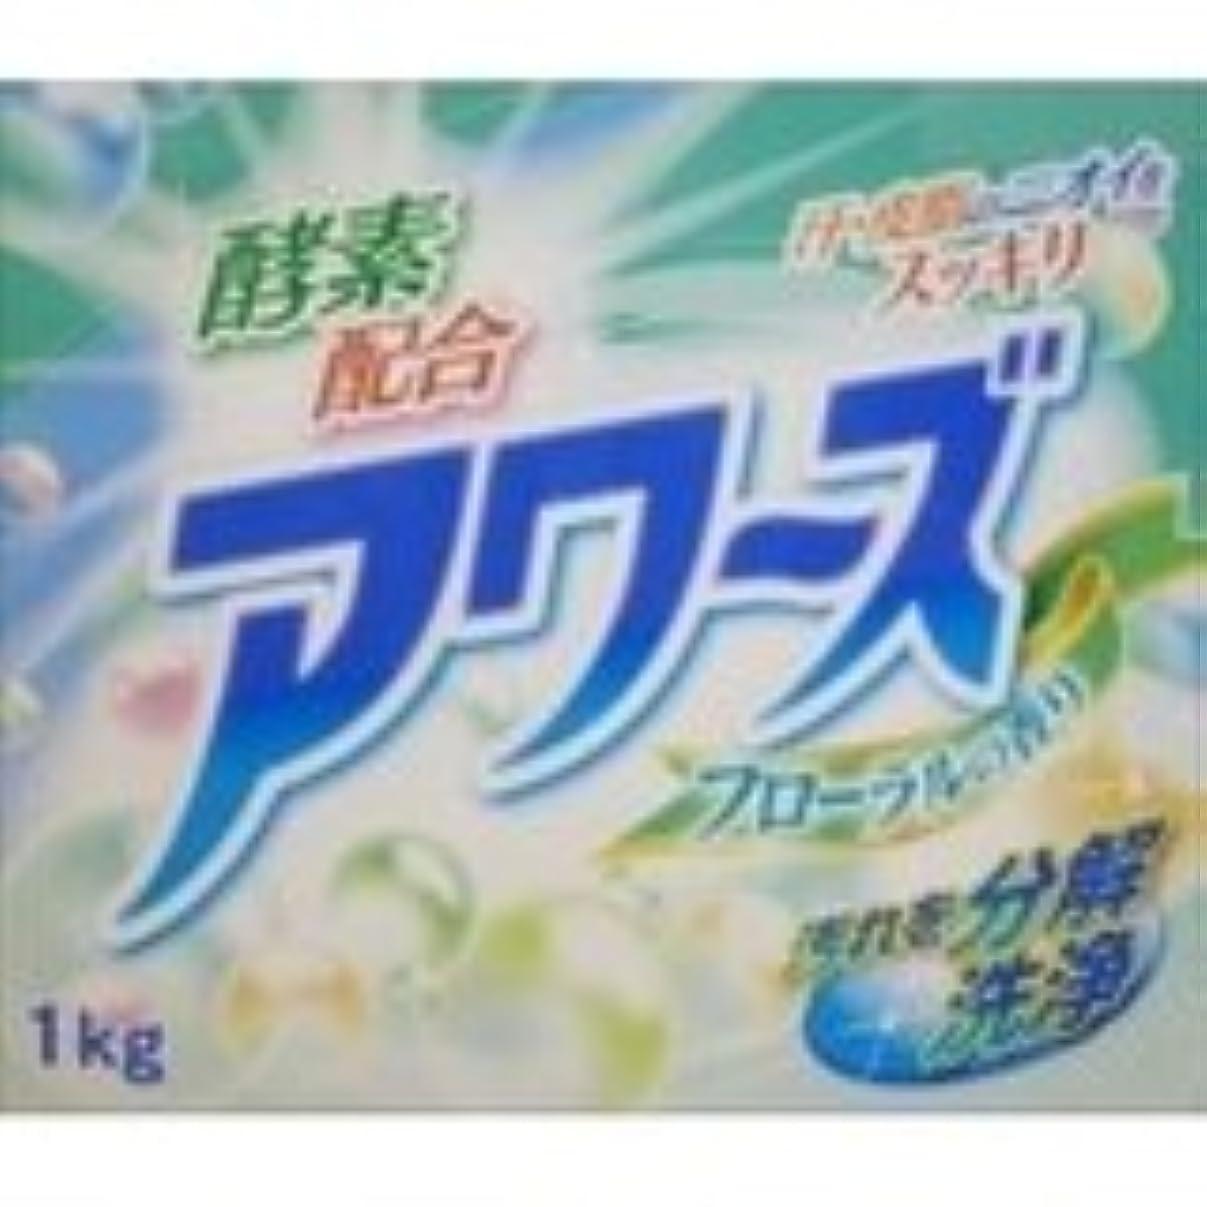 ビバリング裏切るロケット石鹸:薬用ハンドソープ メディキュッ 大型詰替用 1000ml×12本 4571113800642